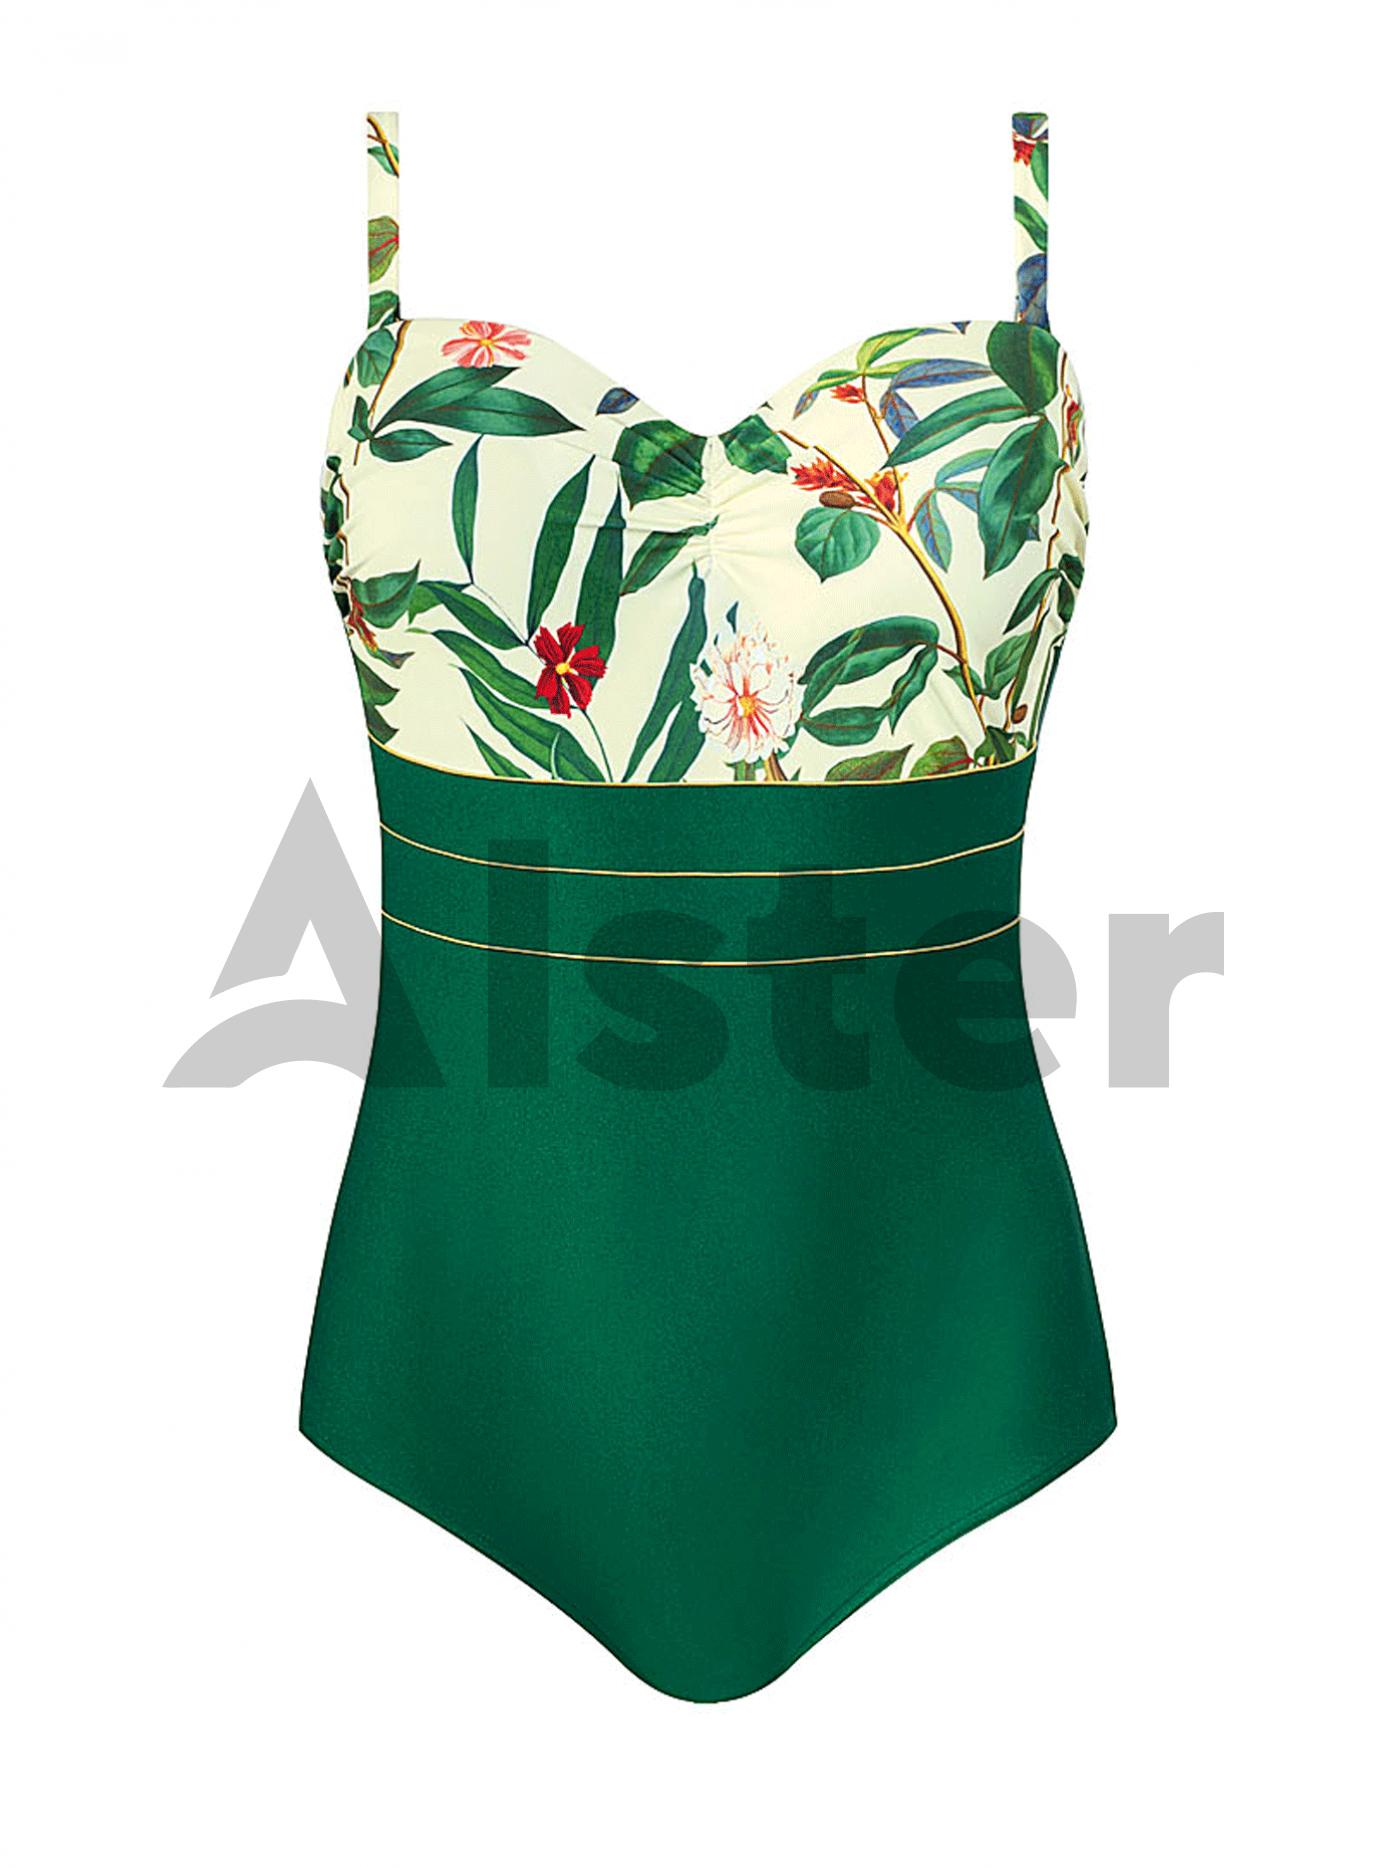 Сдельный купальник с цветами Зелёный 50B (01-K190468): фото - Alster.ua